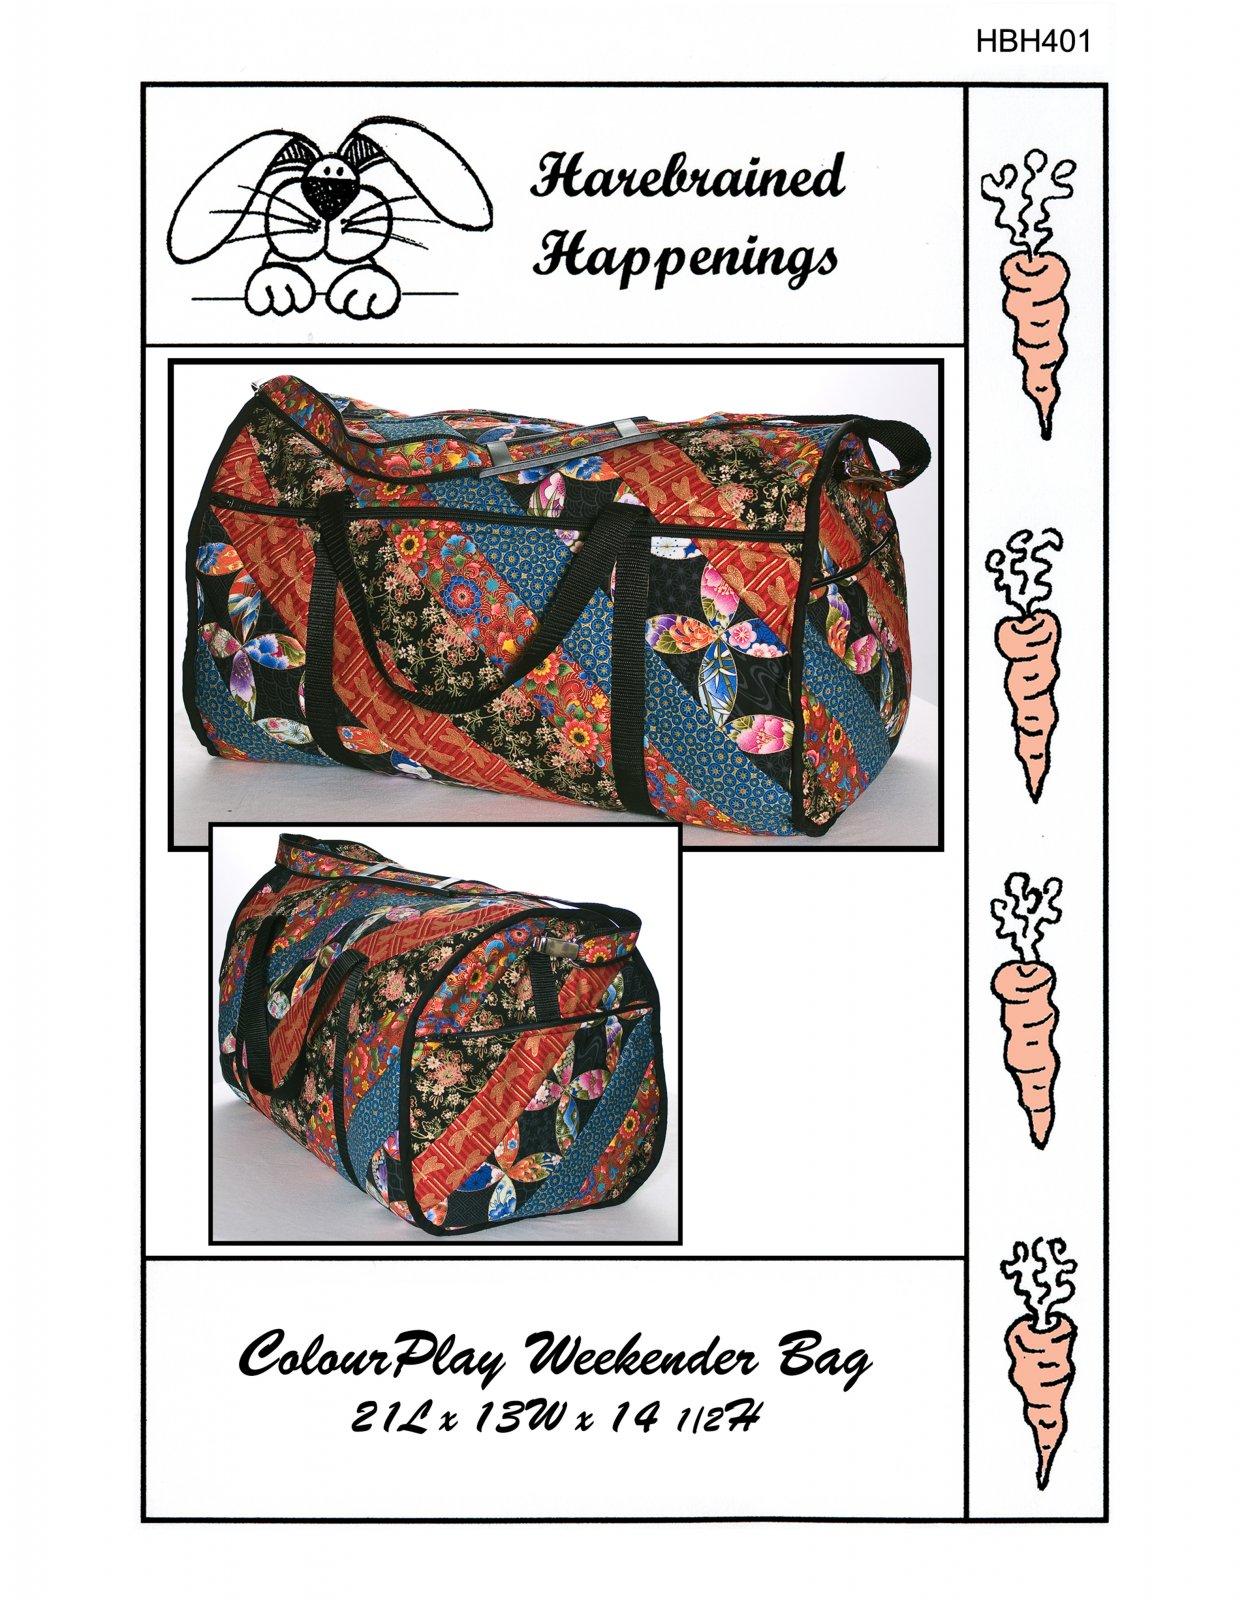 HBH401 ColorPlay Weekender Bag